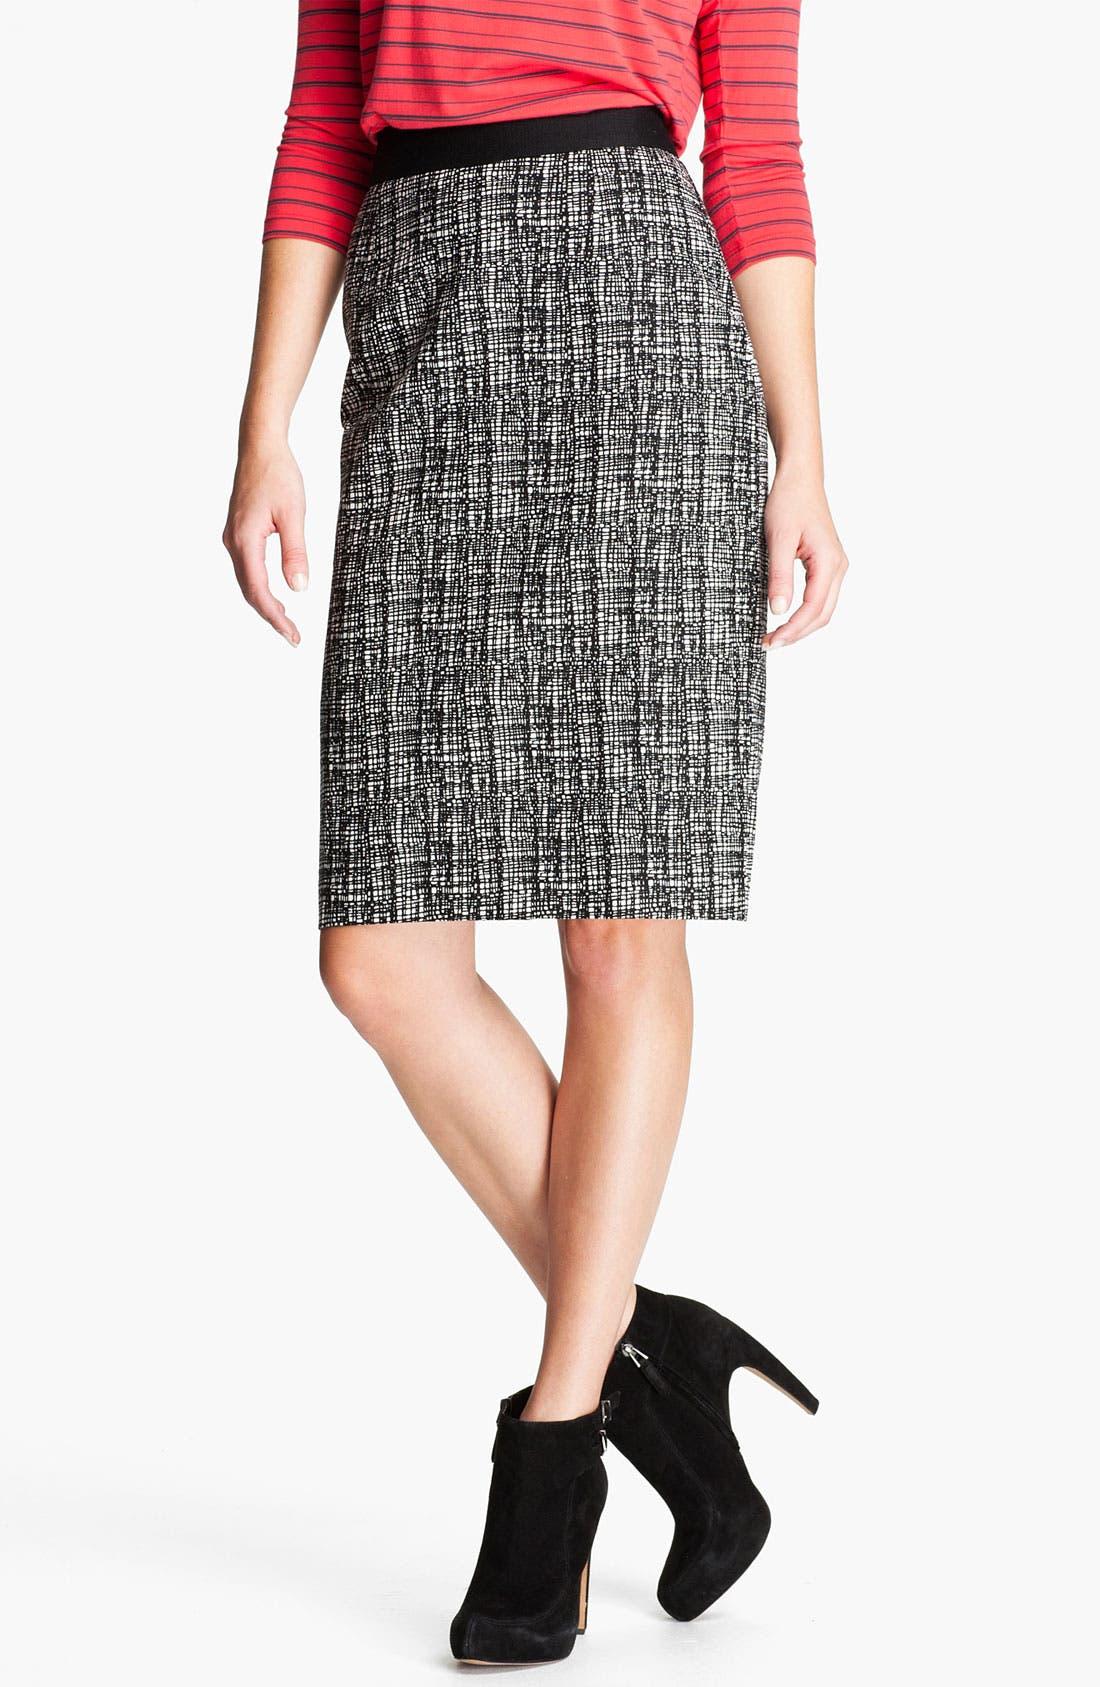 Alternate Image 1 Selected - Halogen Patterned Pencil Skirt